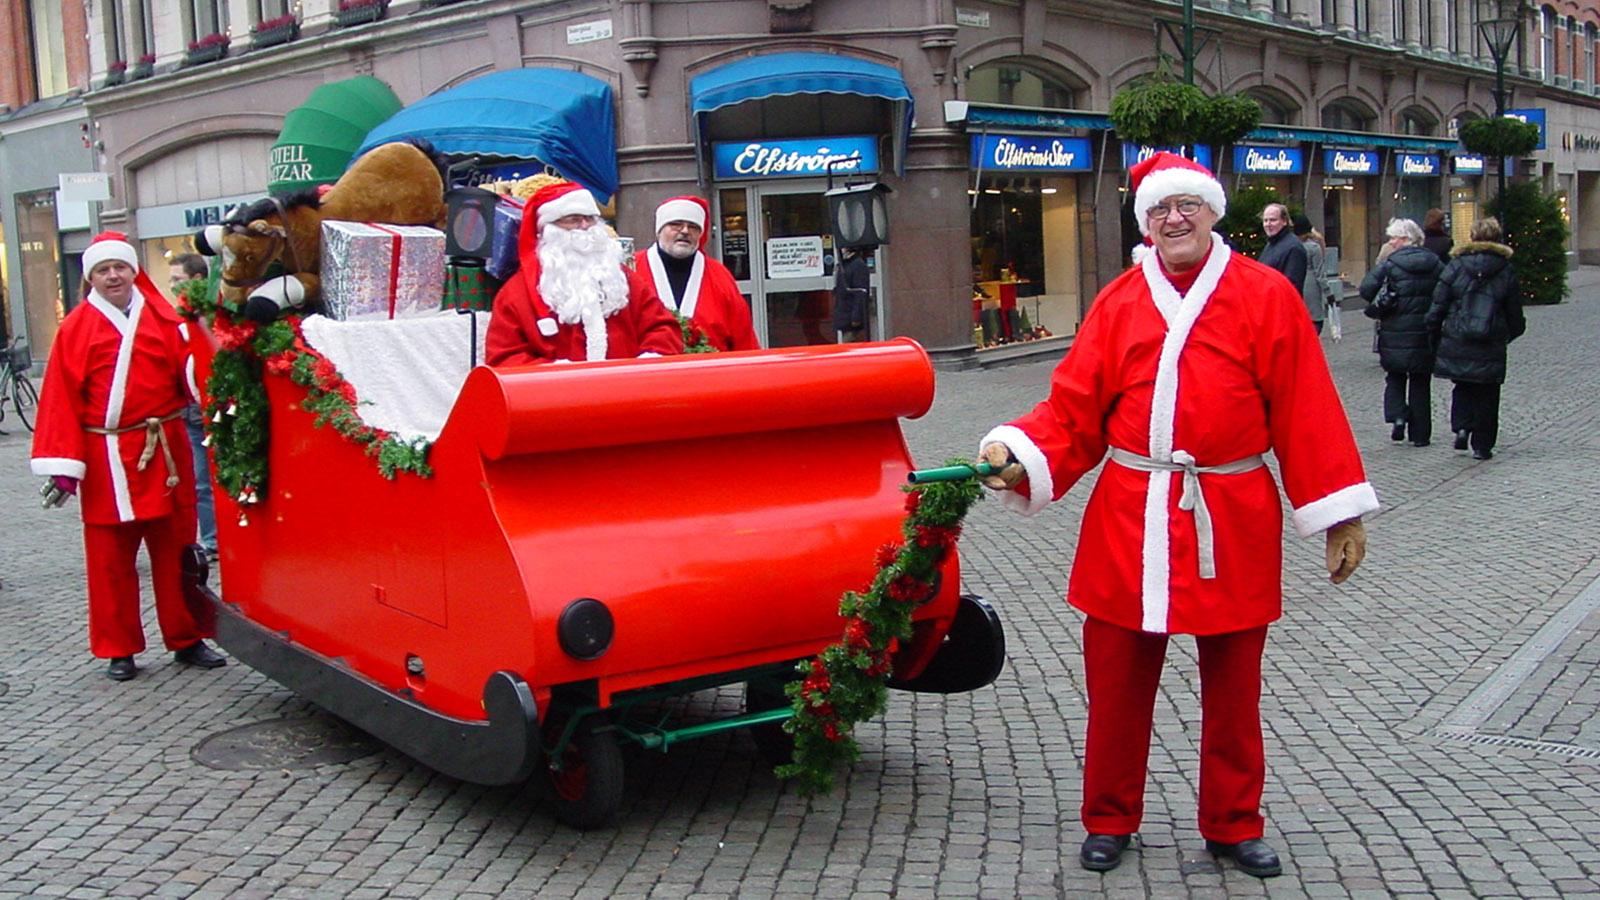 Juletid: In Malmö ist der Weihnachtsmann mit dieser Kutsche unterwegs und erkundigt sich nach den Wünschen der Schweden. Foto: Hilke Maunder